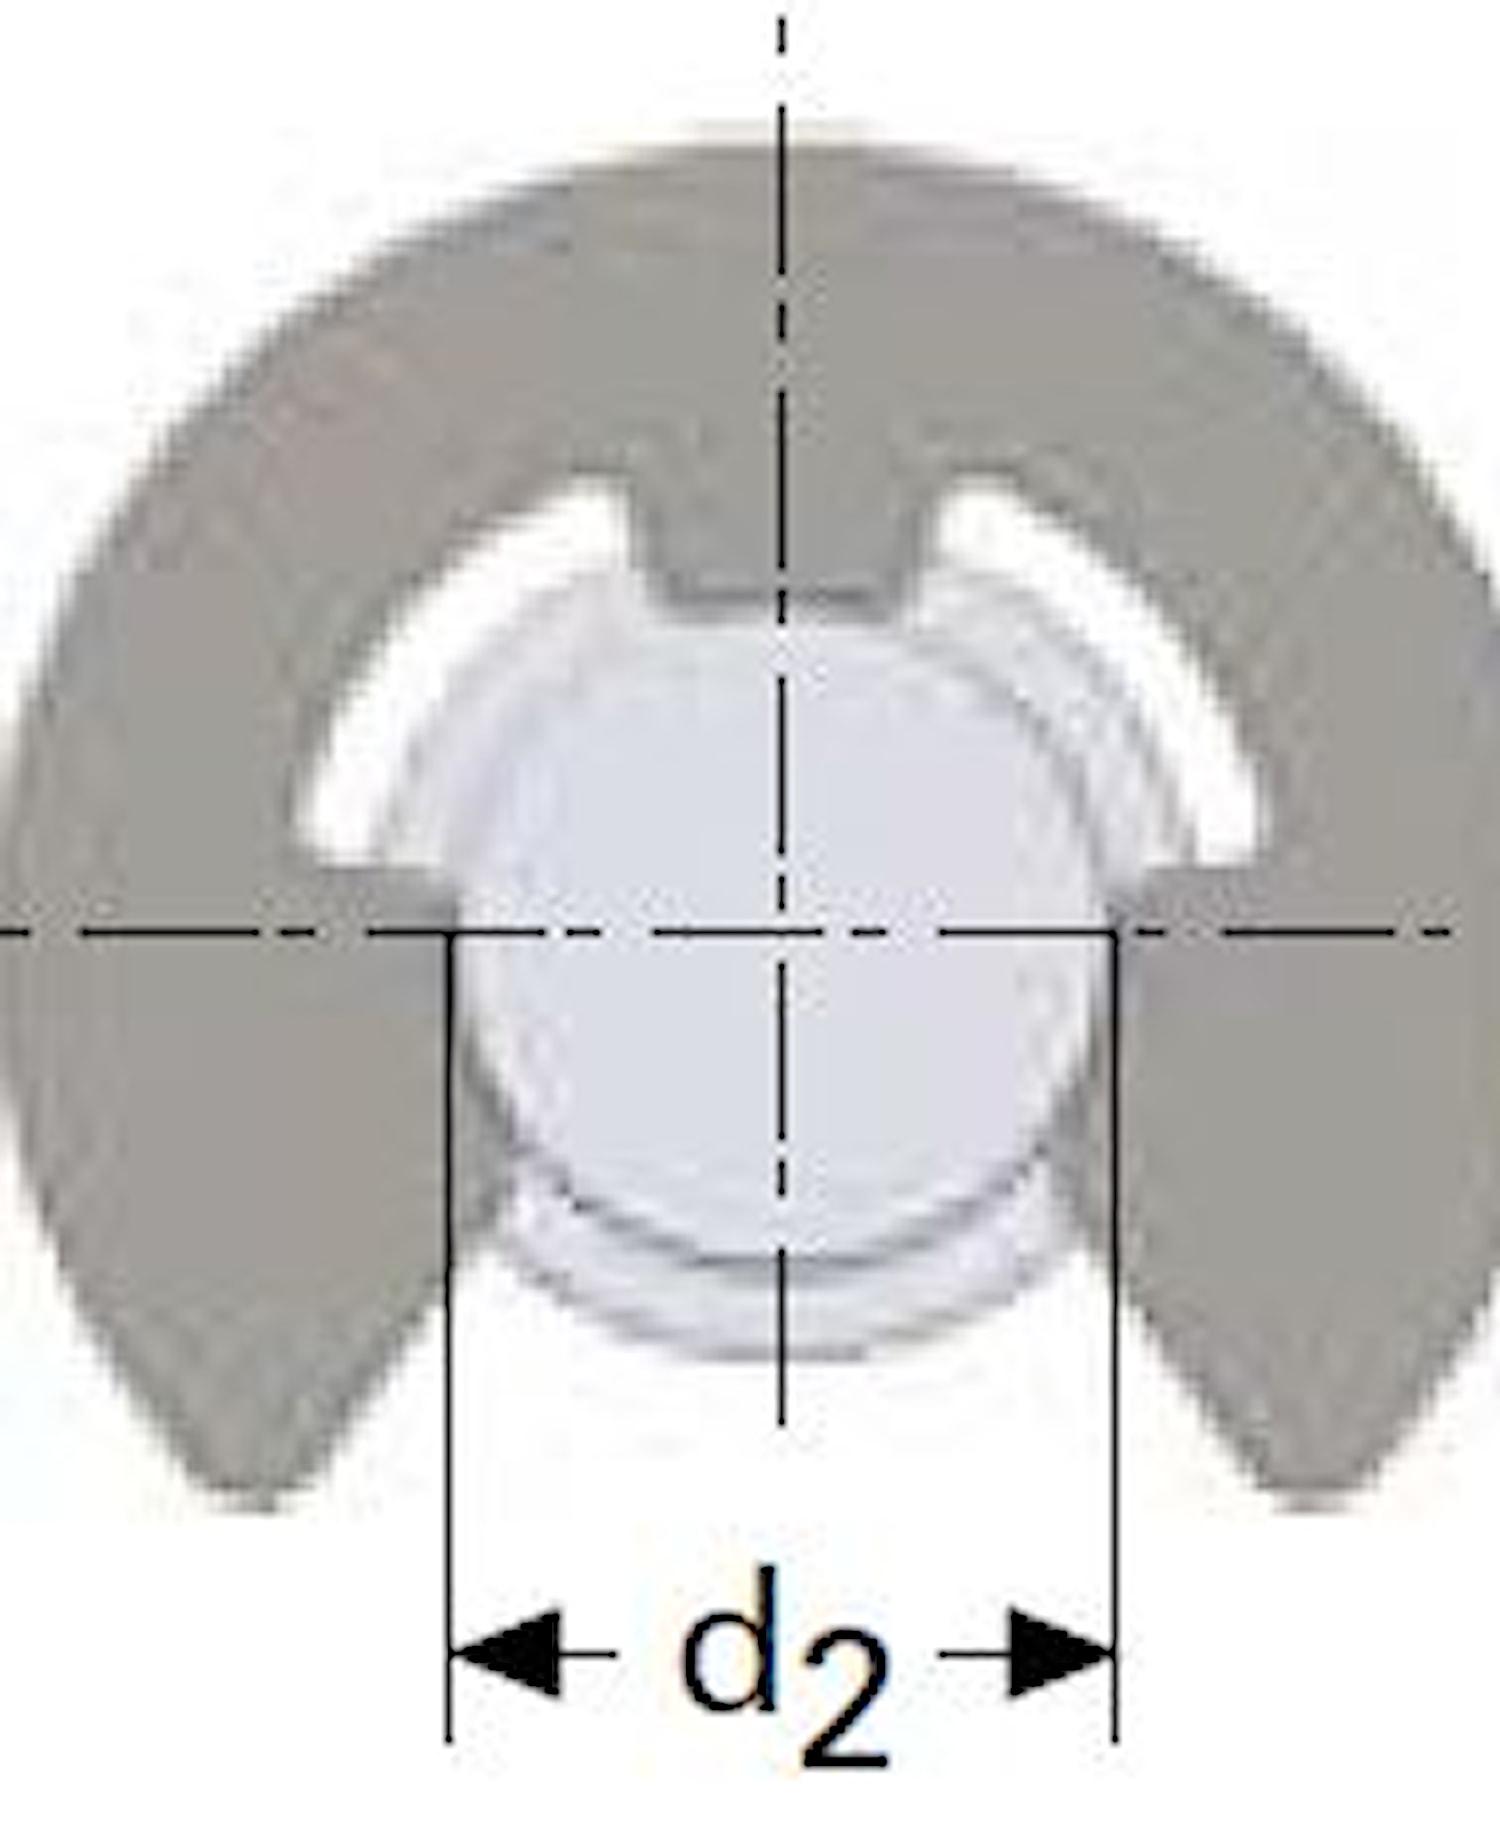 Spårryttare 19 mm